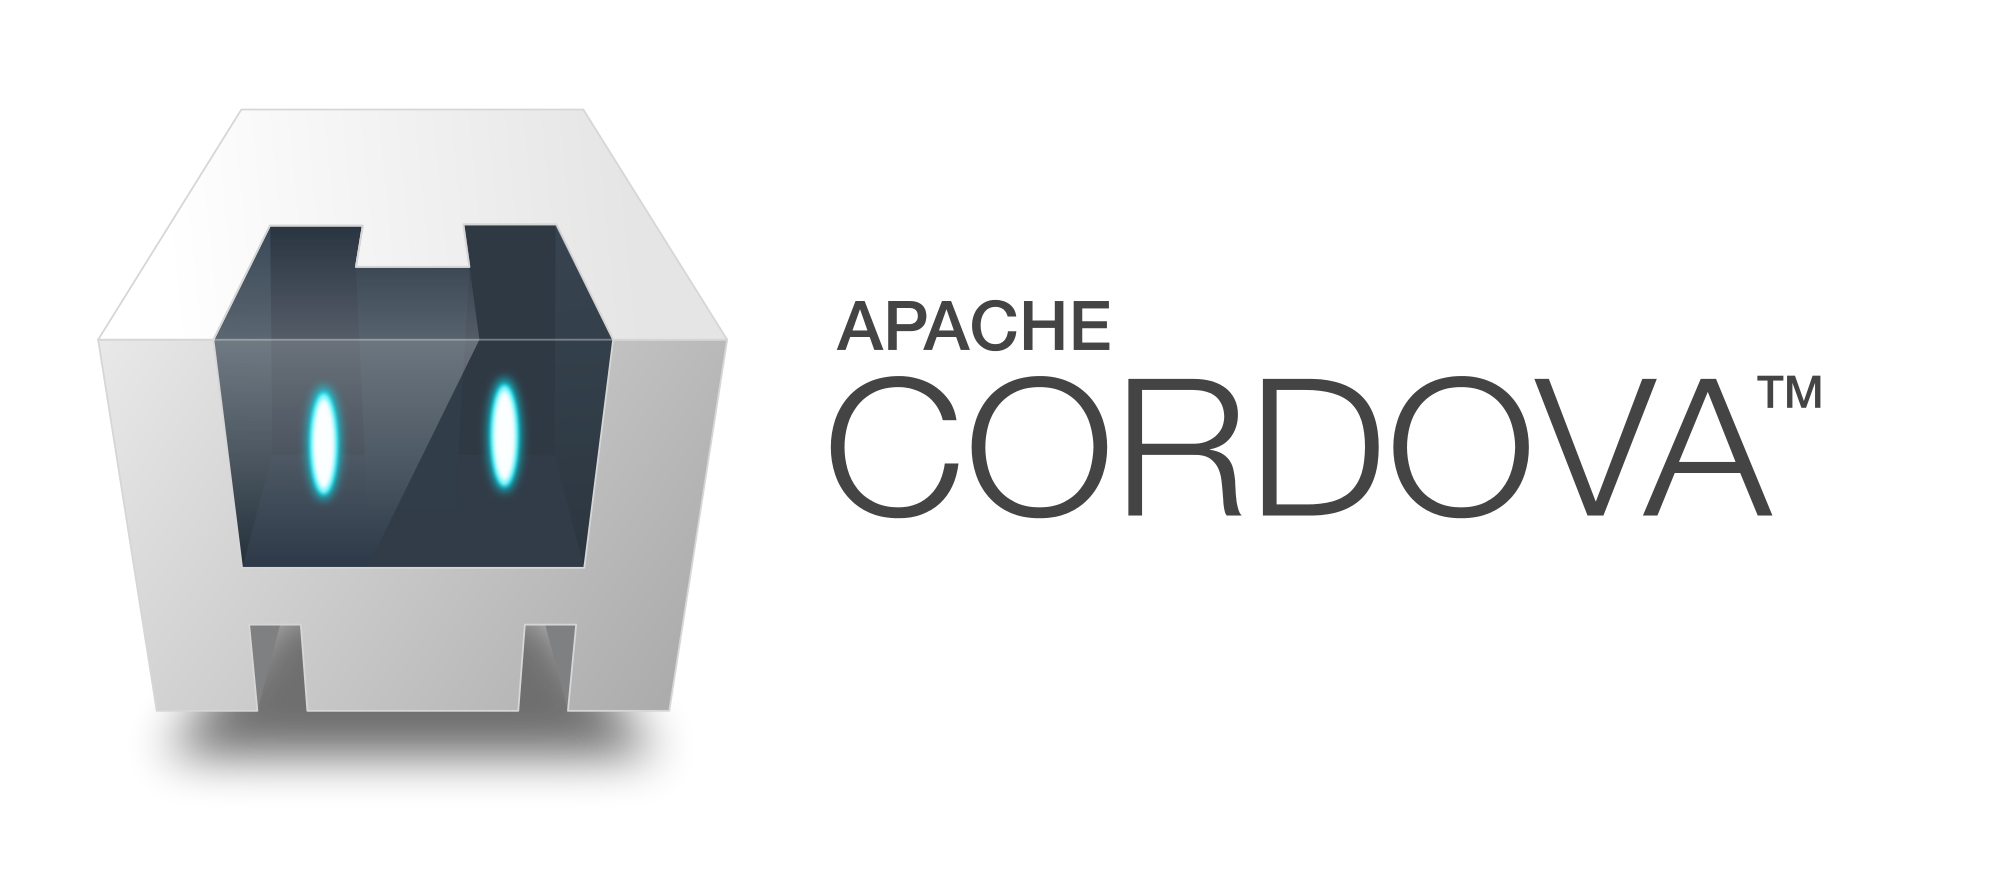 Apache-Cordova